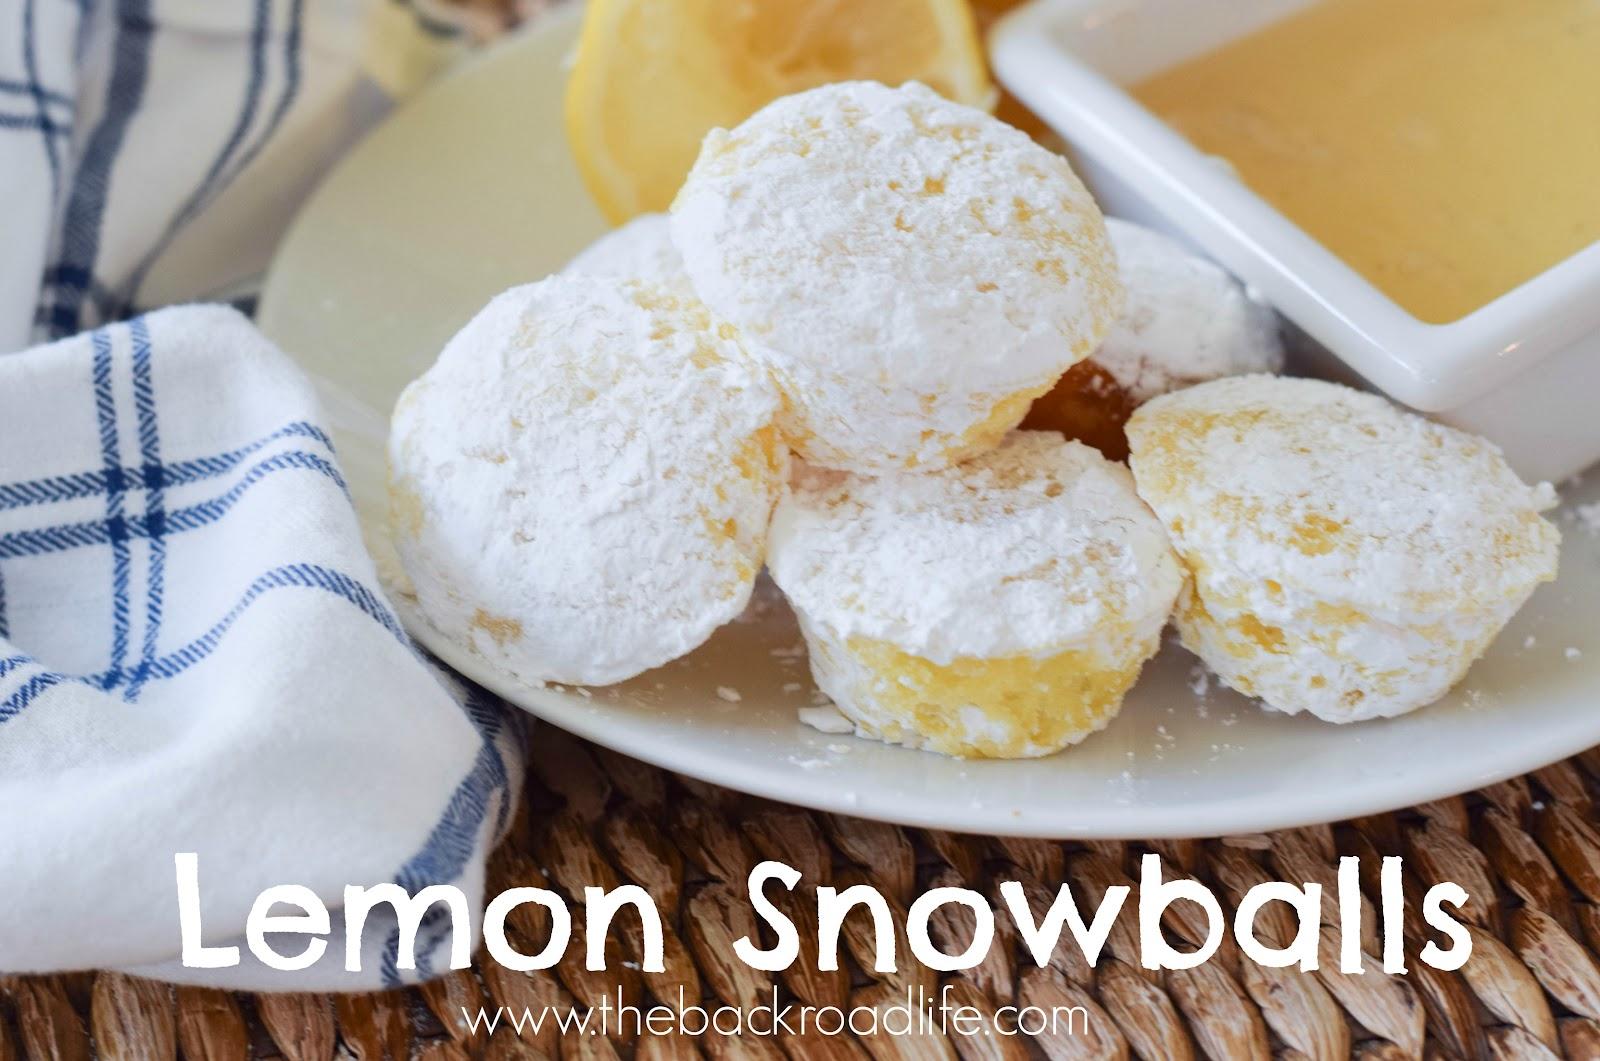 Lemon Snowballs1.jpg